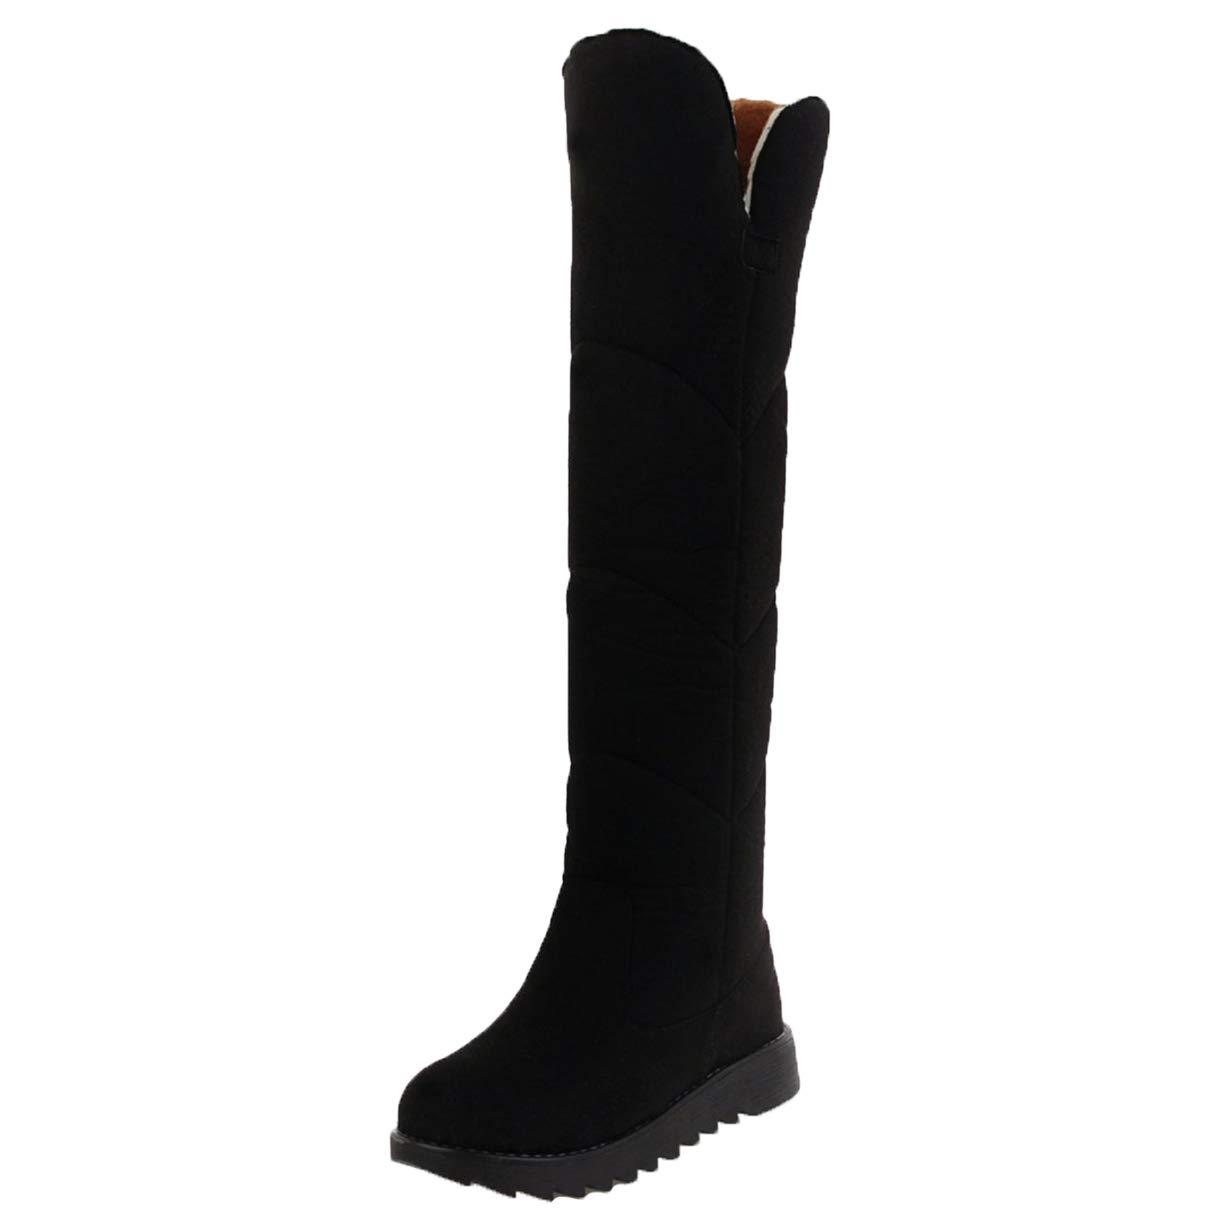 JYshoes , Montantes Femme - Noir , - Noir, 37 37 Femme EU - 2468f0e - reprogrammed.space